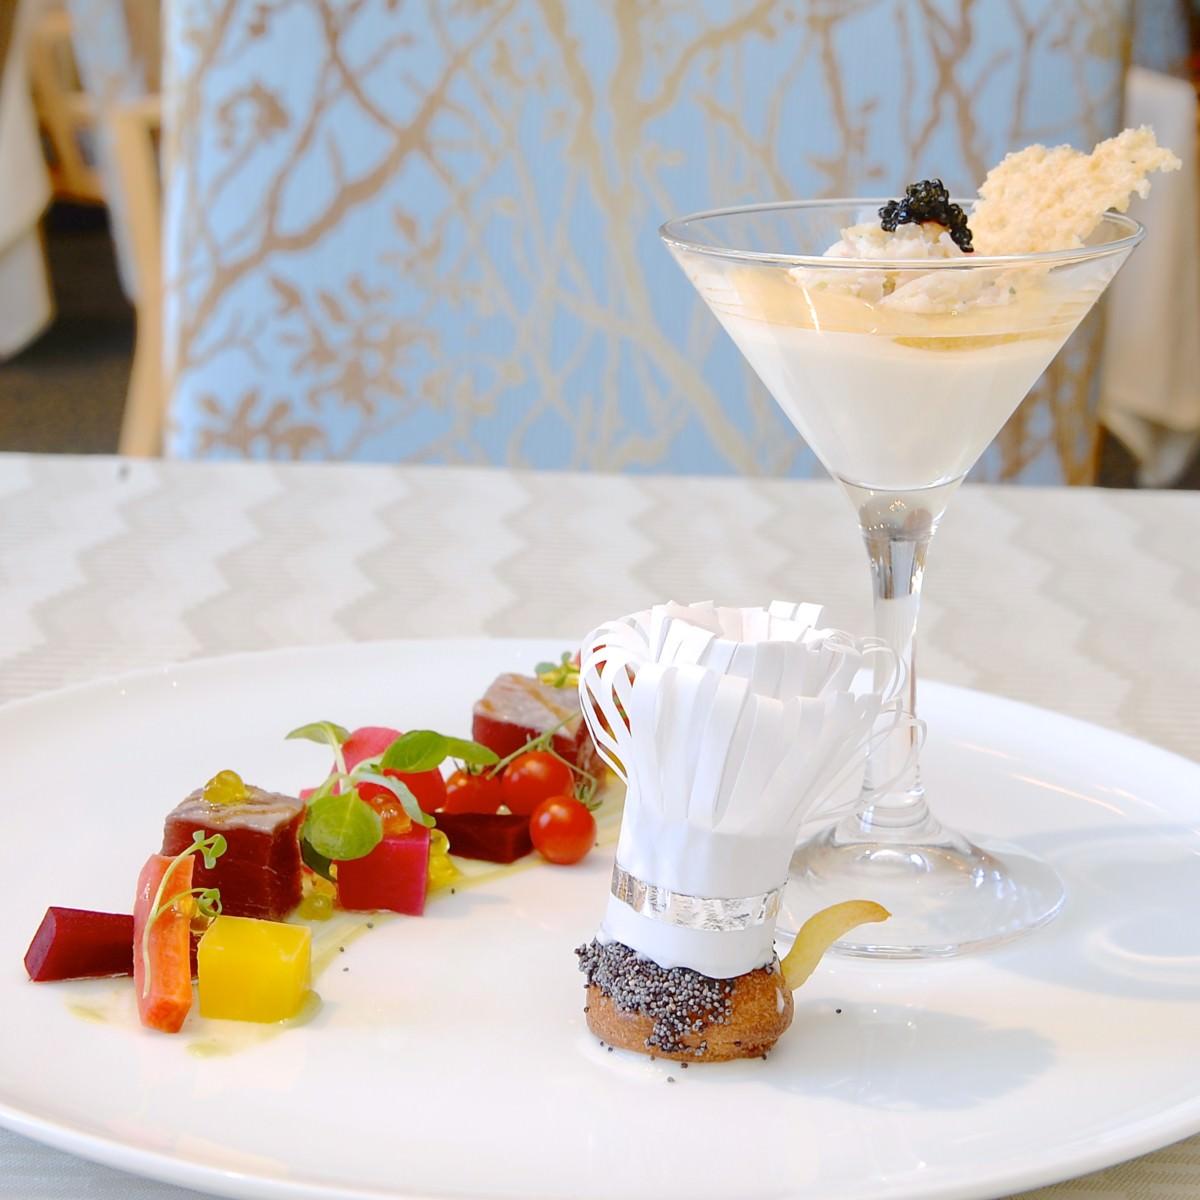 タラバ蟹のカクテルと鮪のマリネ グジェールと彩り野菜のグレック 2 | レミーが作ってくれたようなコースメニュー!オチェーアノ